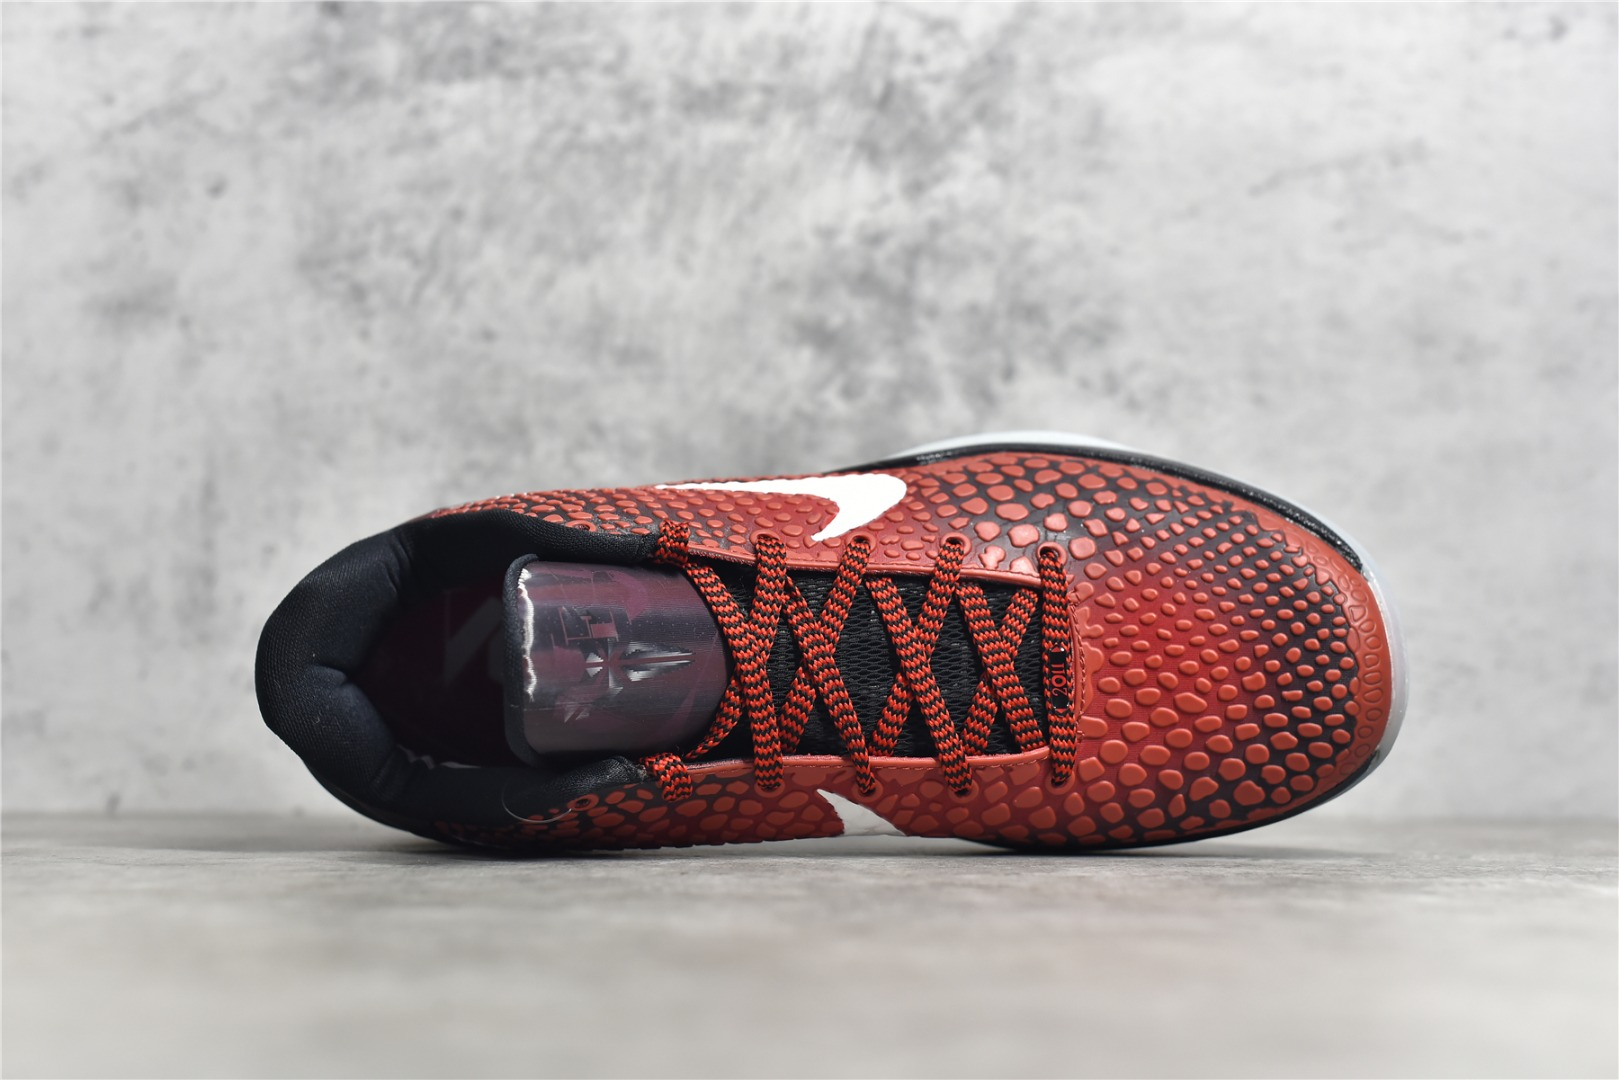 耐克科比6代全明星黑红实战球鞋 NIKE KOBE 6 PROTRO ALL STAR黑红全明星 科比球鞋复刻 货号:DH9888-600-潮流者之家